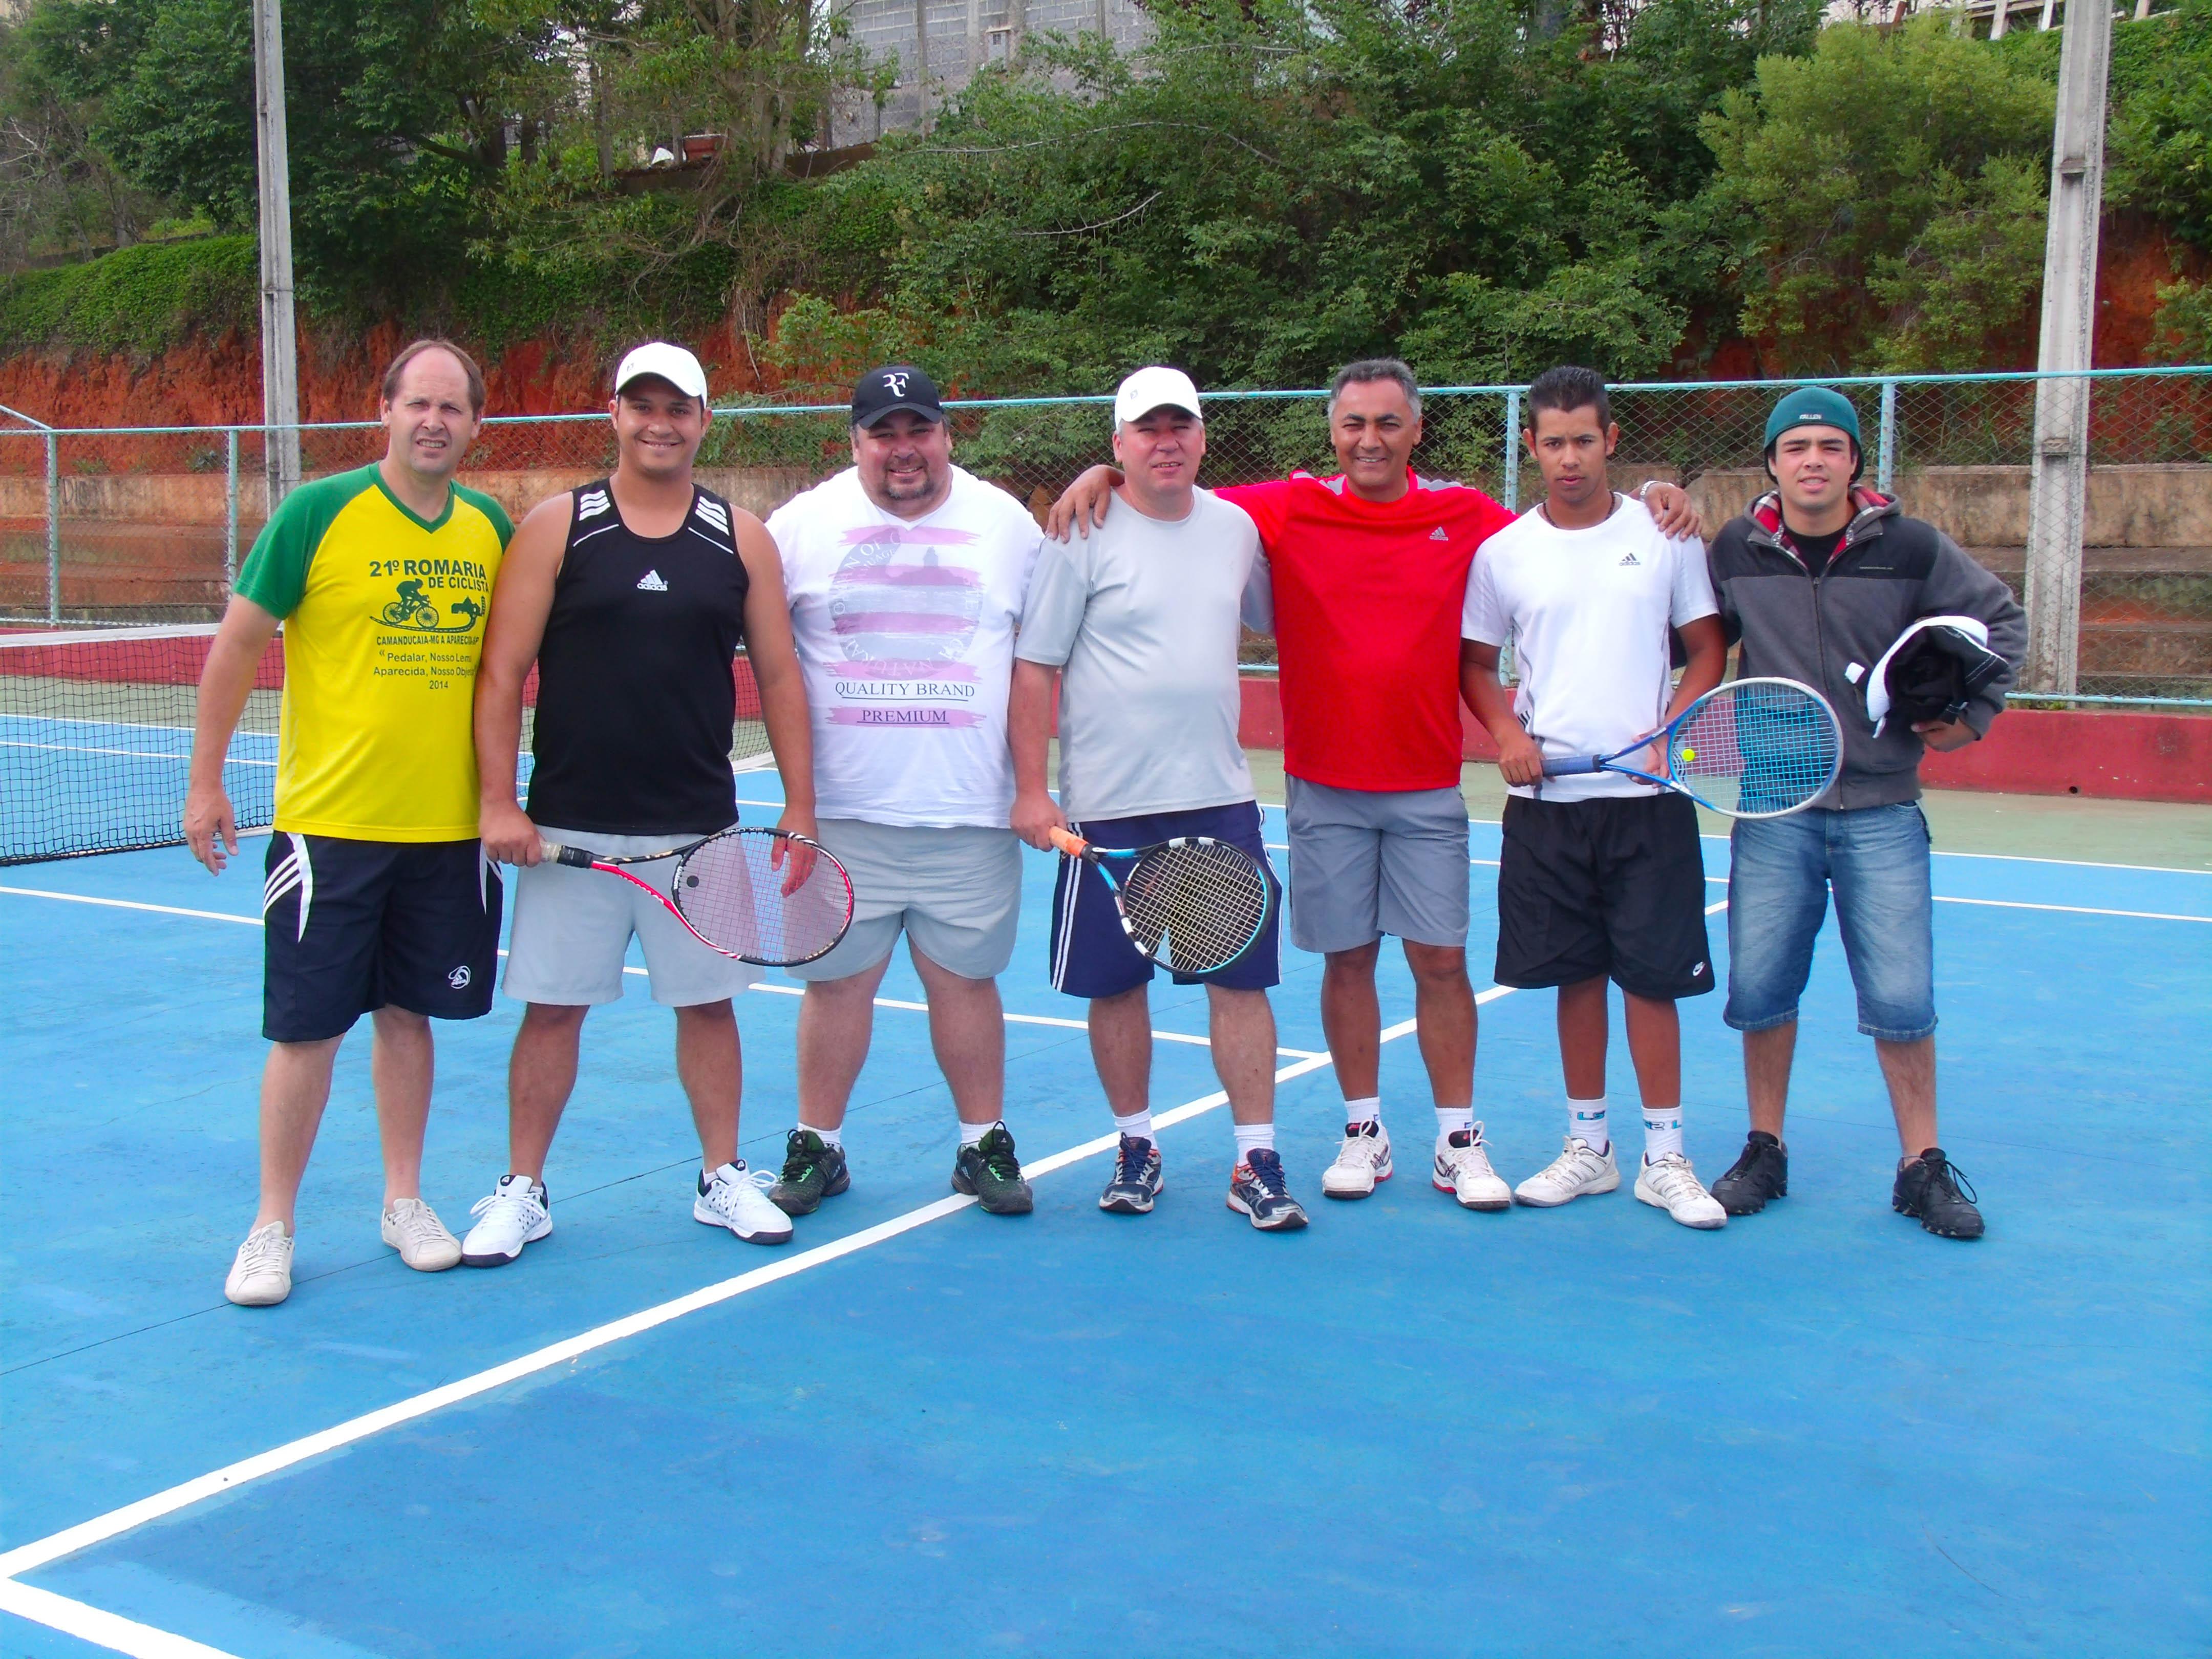 2d214be99b7 Confira os resultados do 1º Torneio Interno de tênis de Camanducaia ...